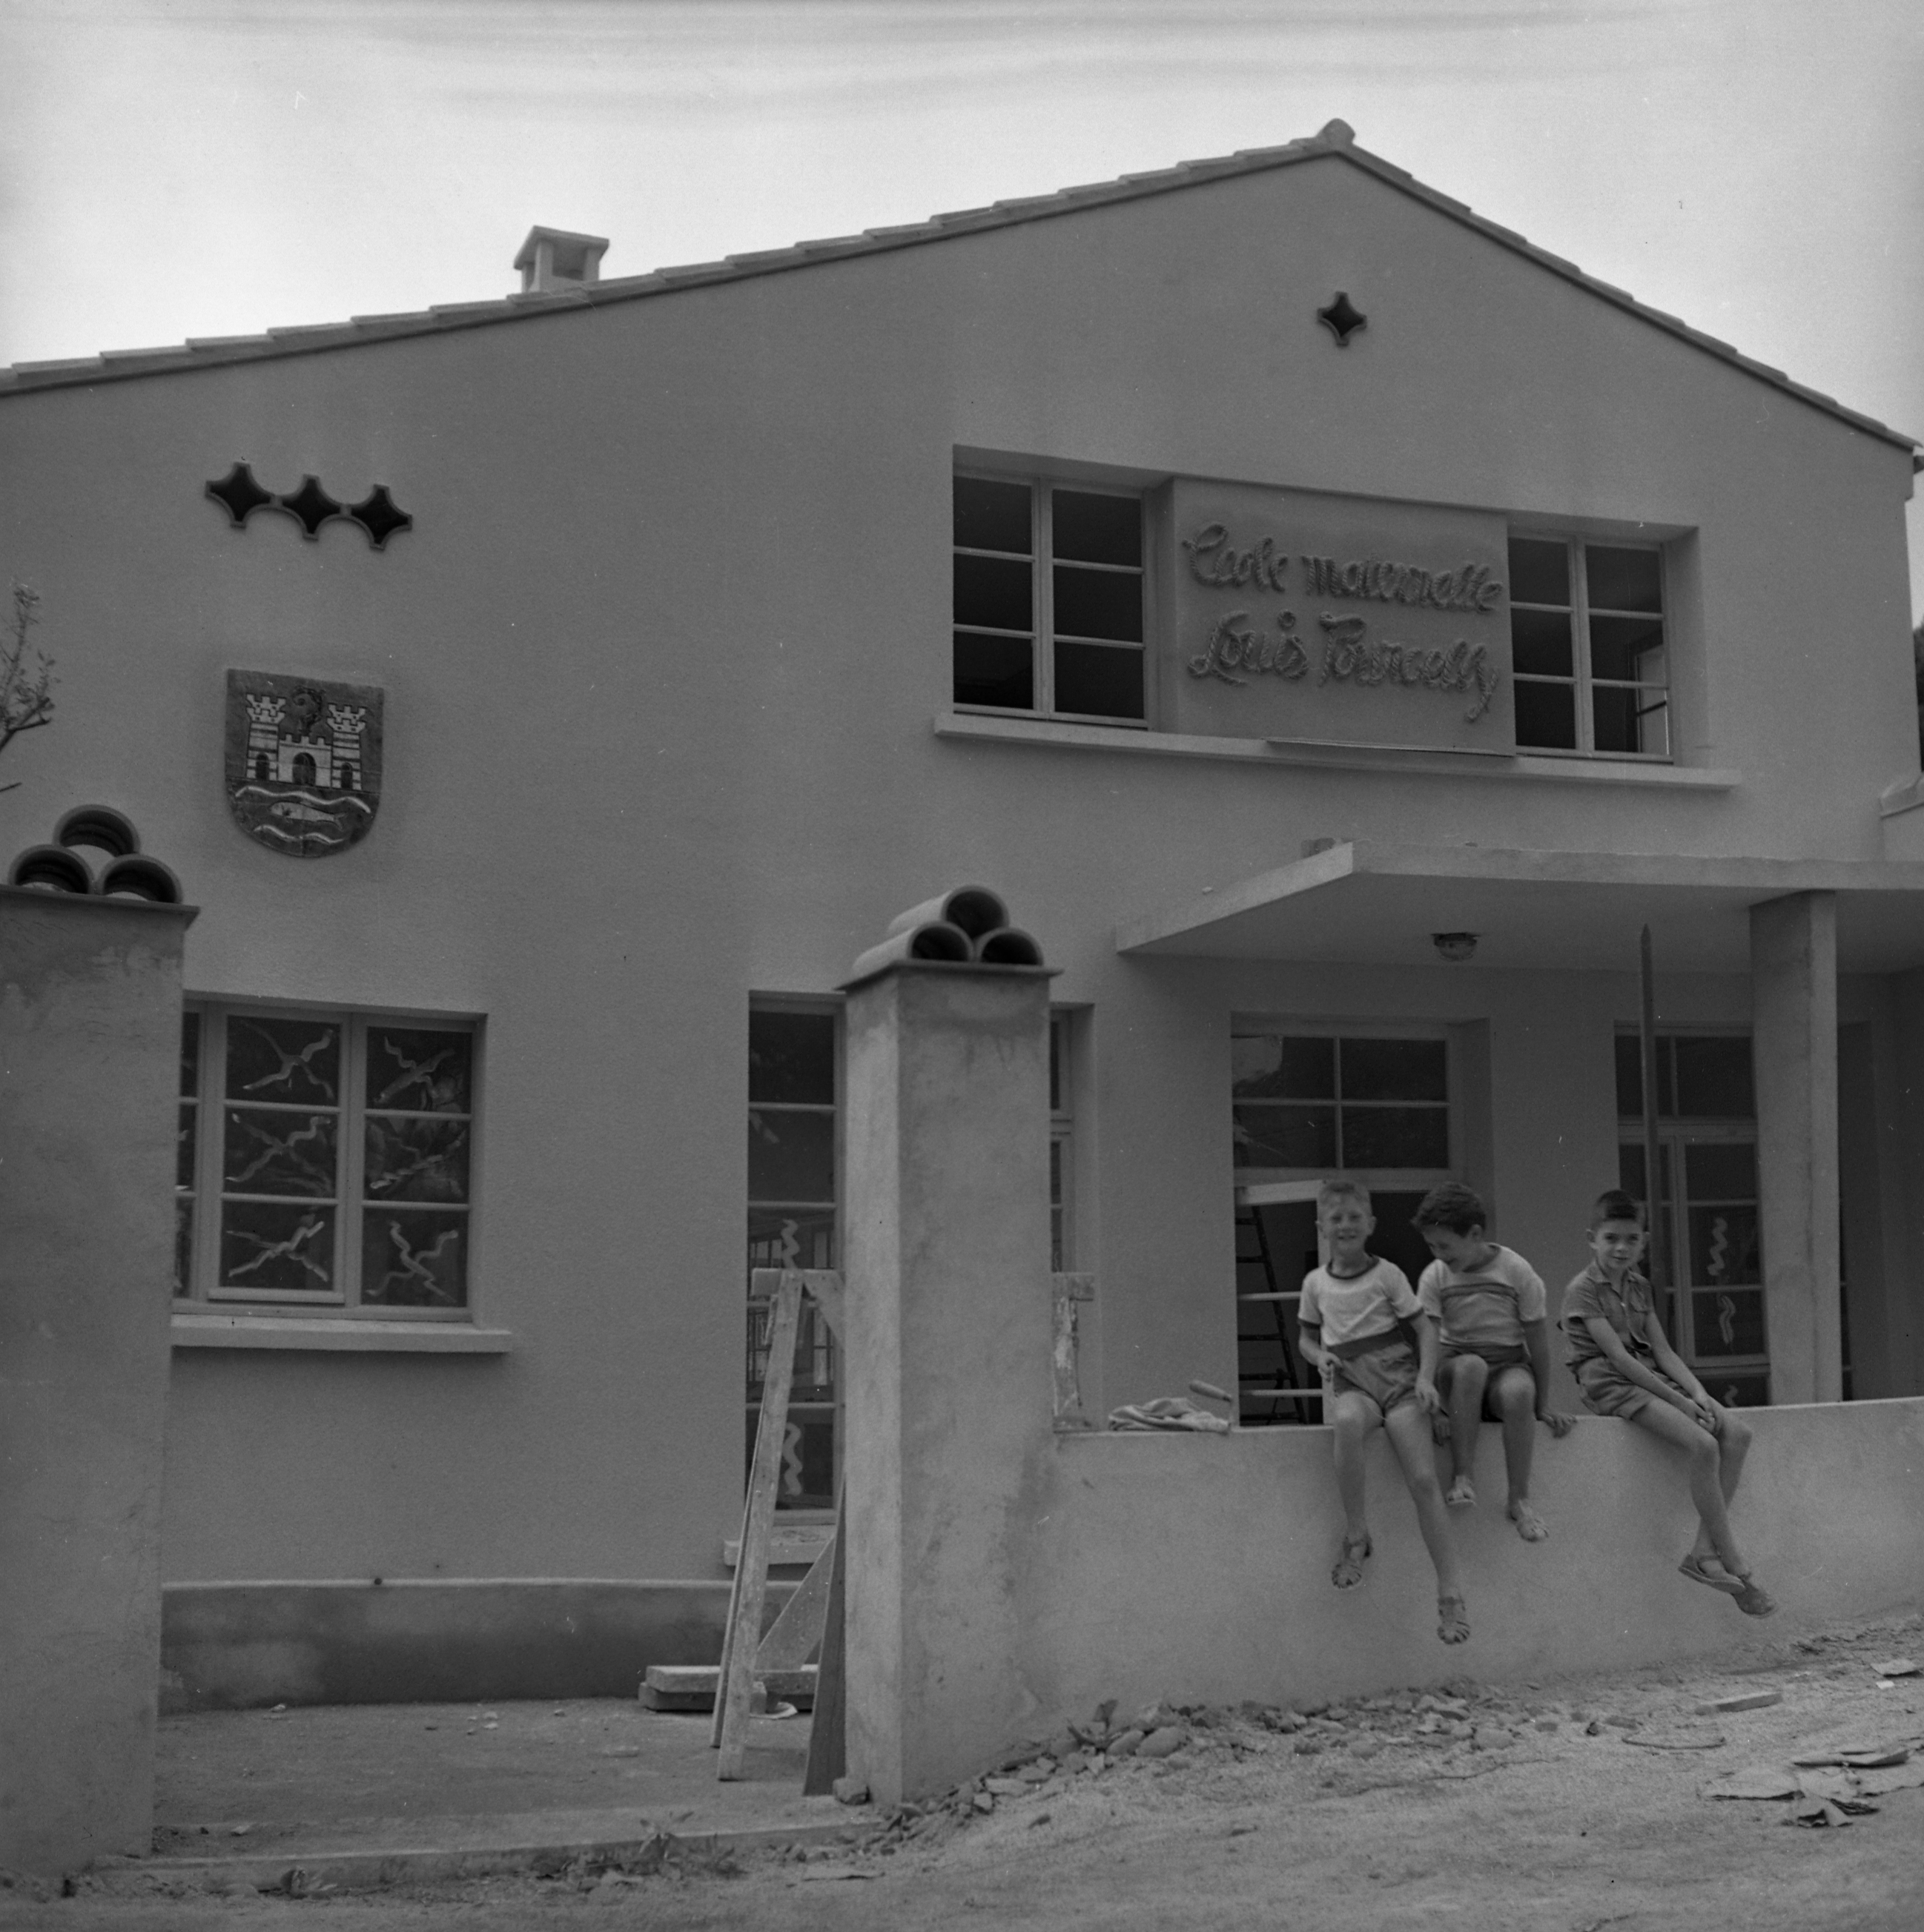 27 Fi 3225 Ecole maternelle Louis Pourcelly à la garde en cours d'achèvement. La façade n'a pas changé. 10/09/1954